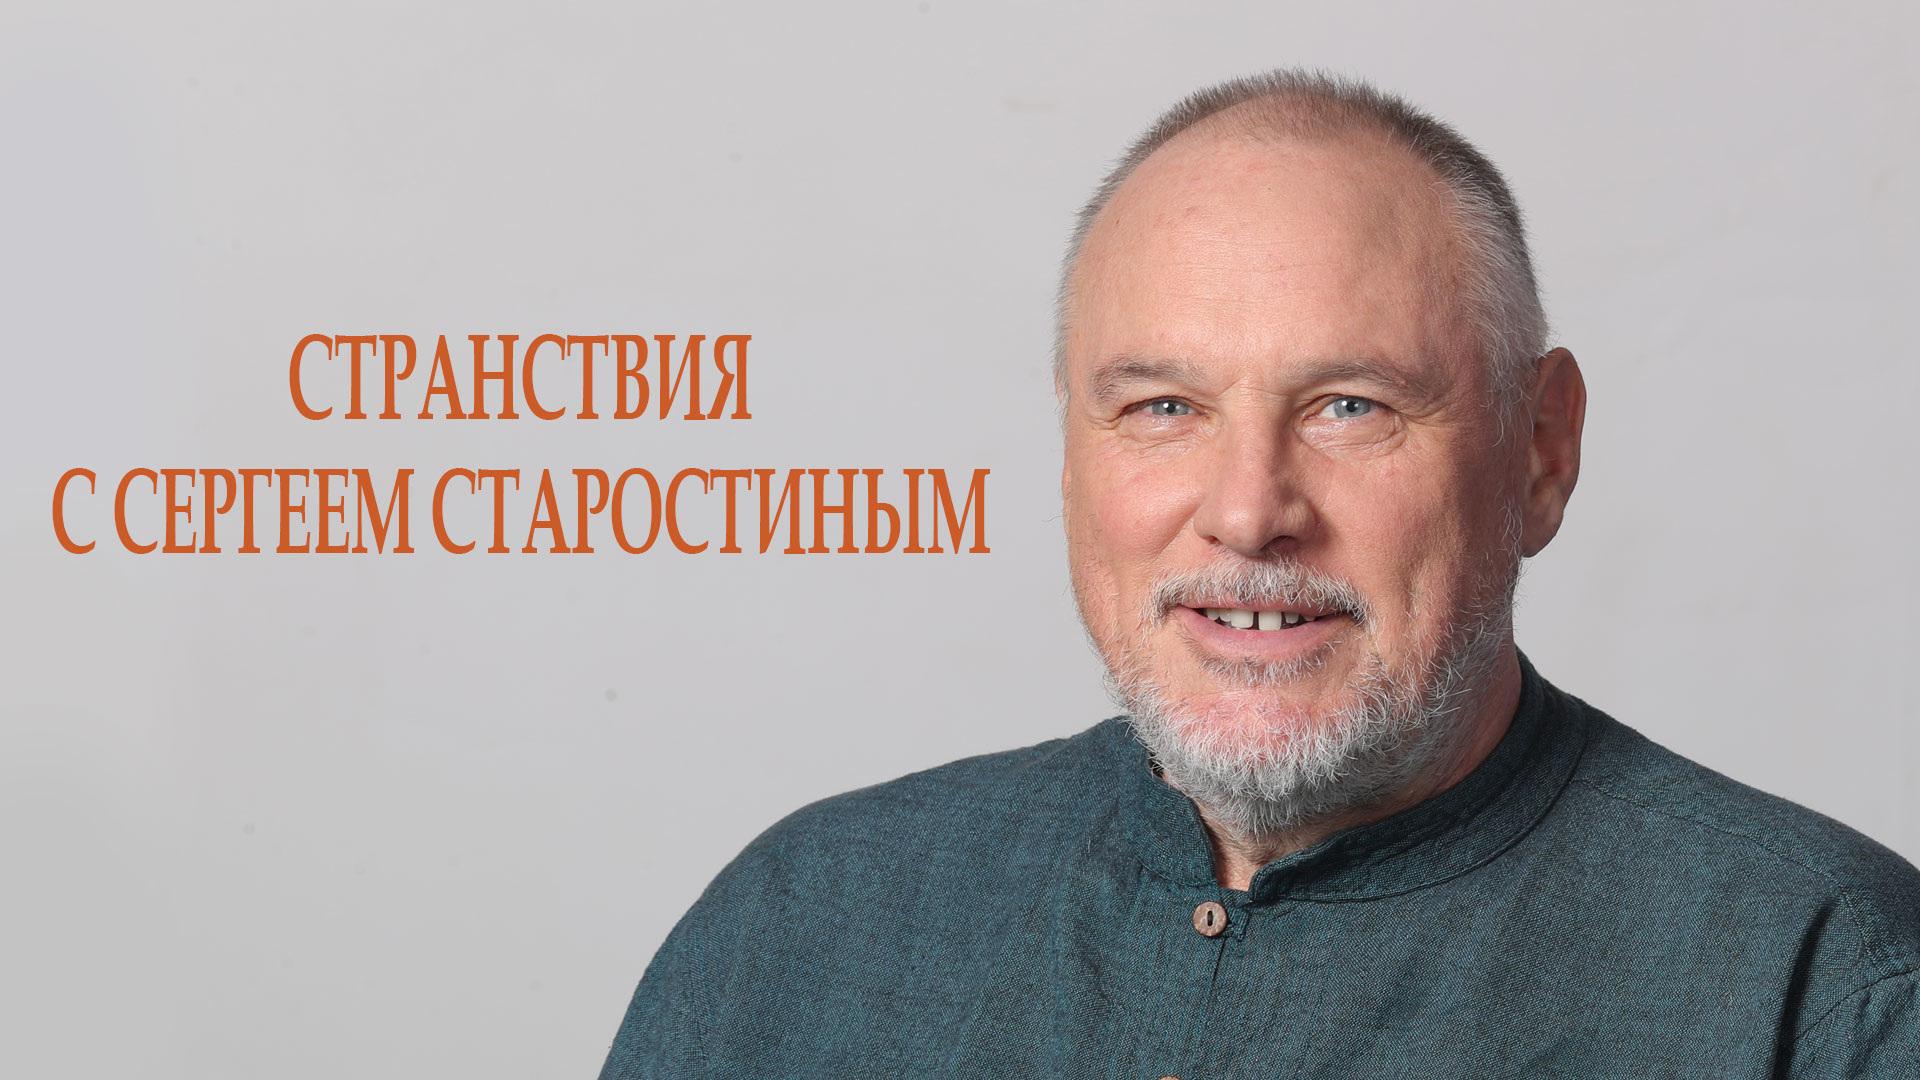 """""""Странствия с Сергеем Старостиным"""""""